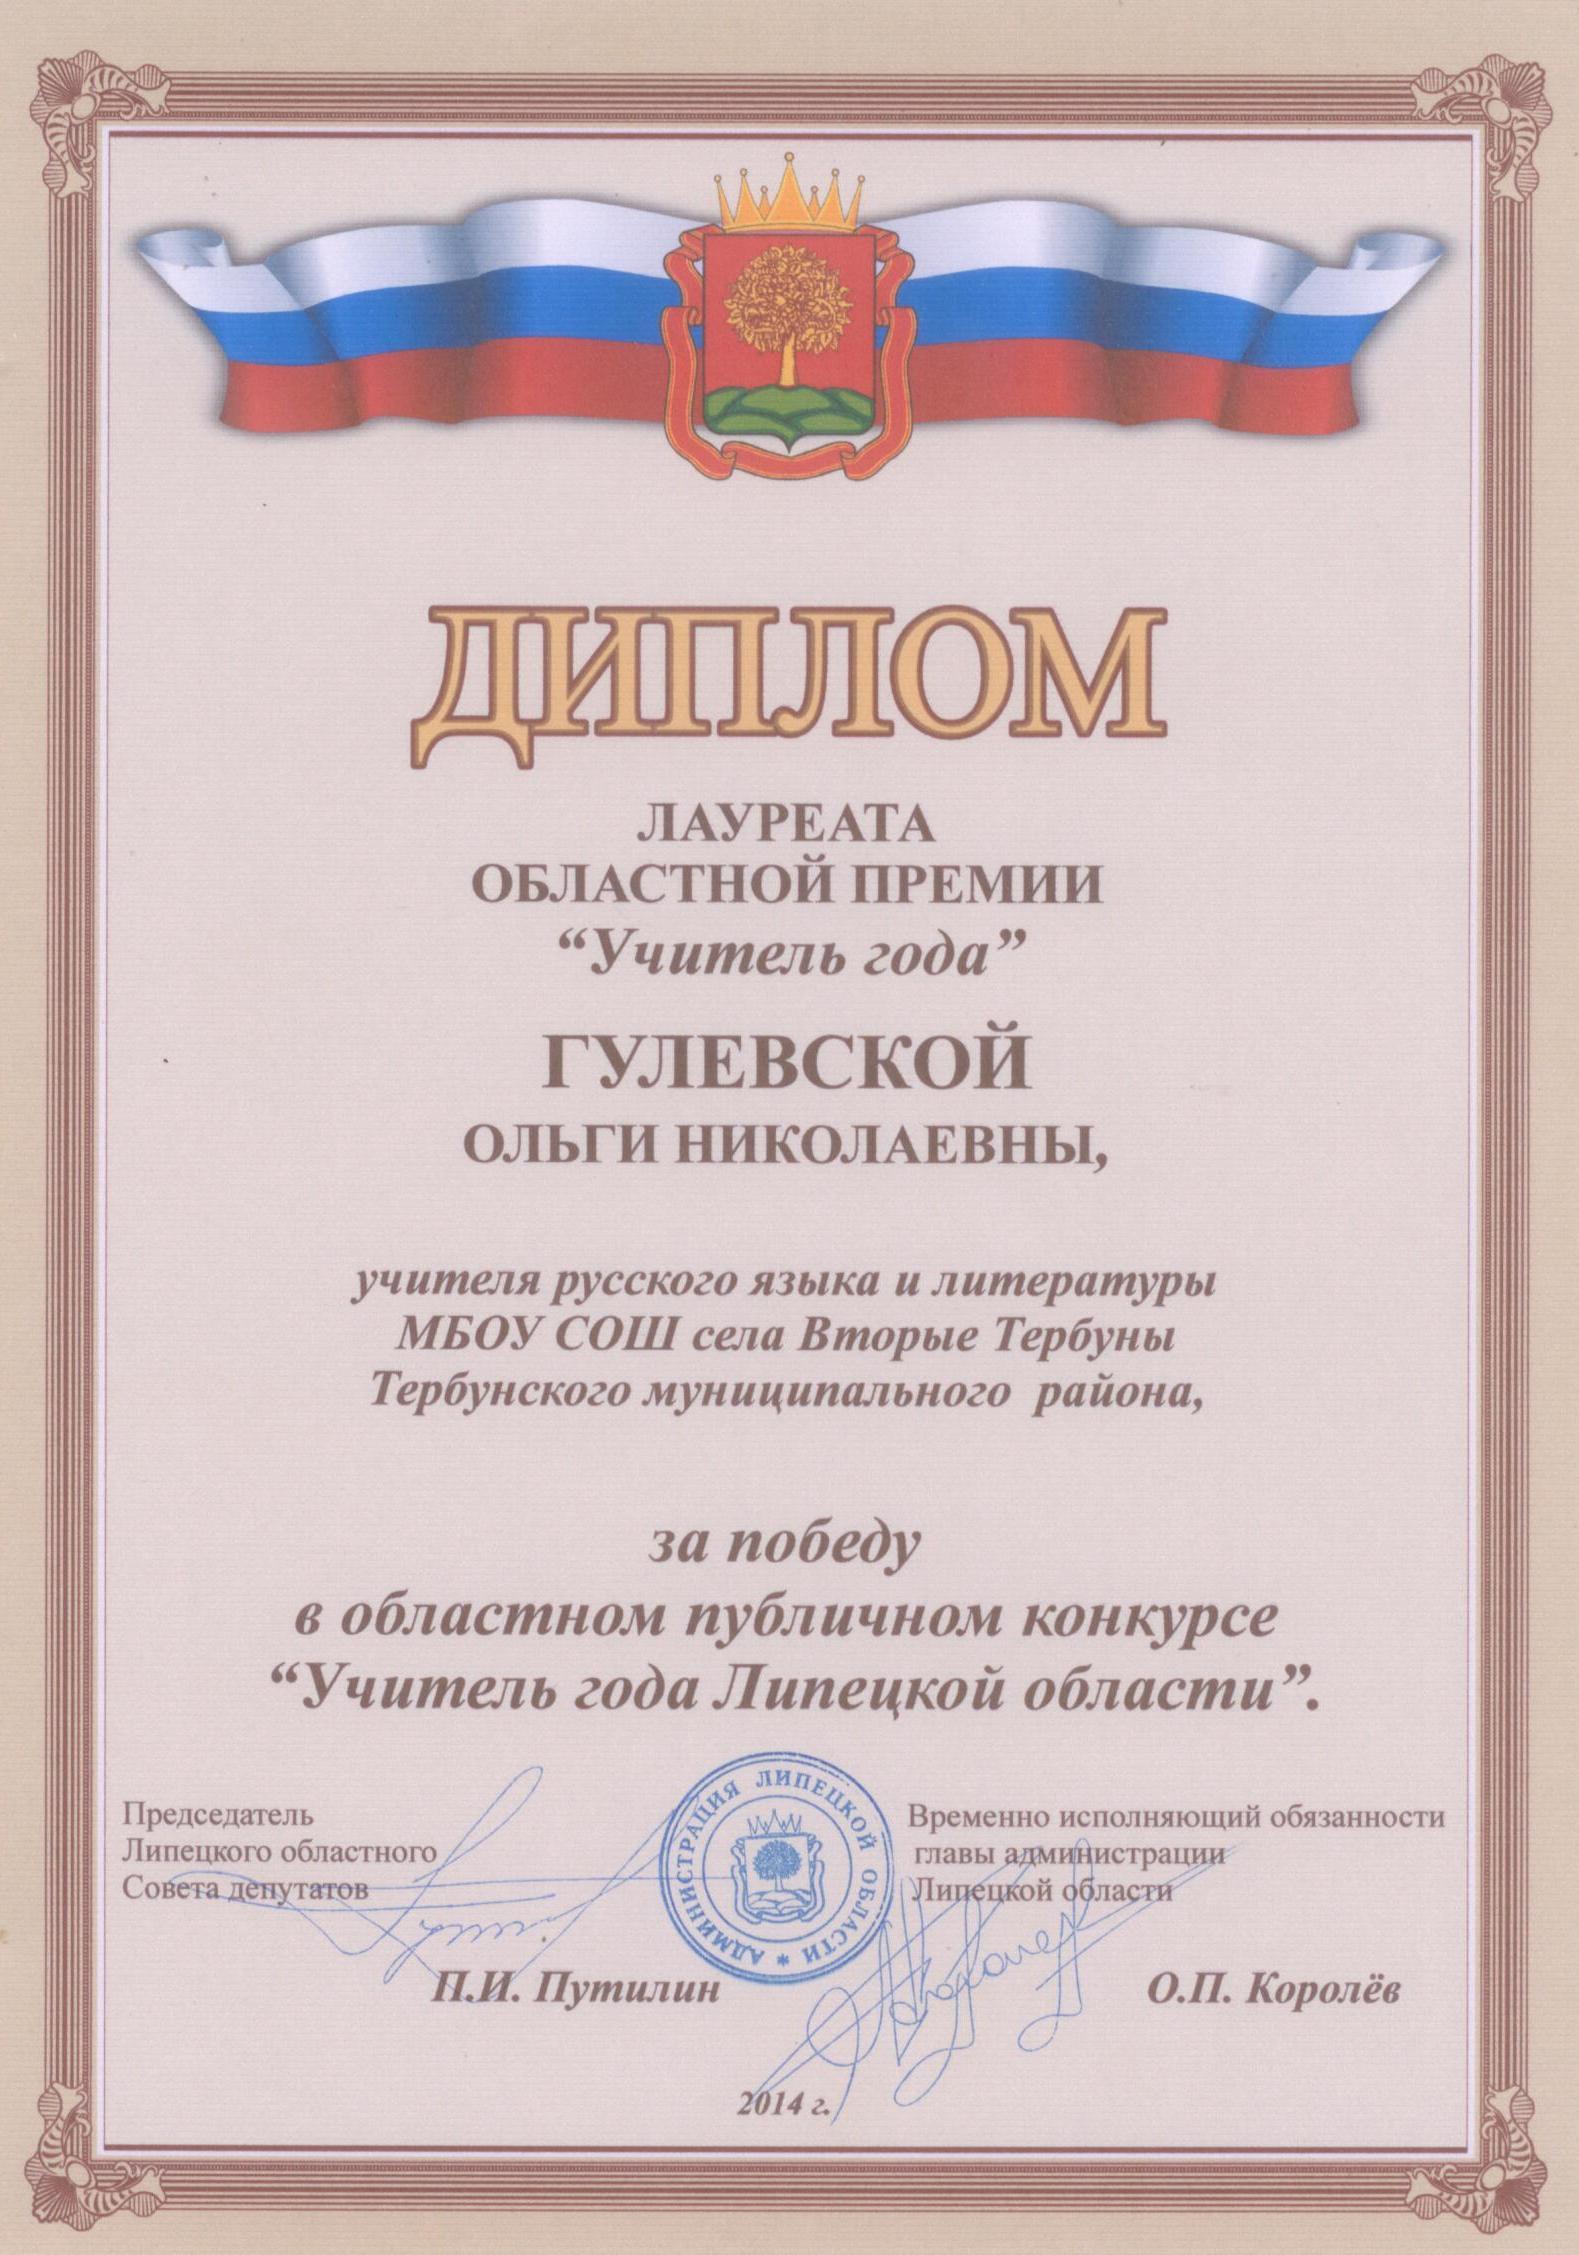 Поздравление для участников конкурса воспитатель года